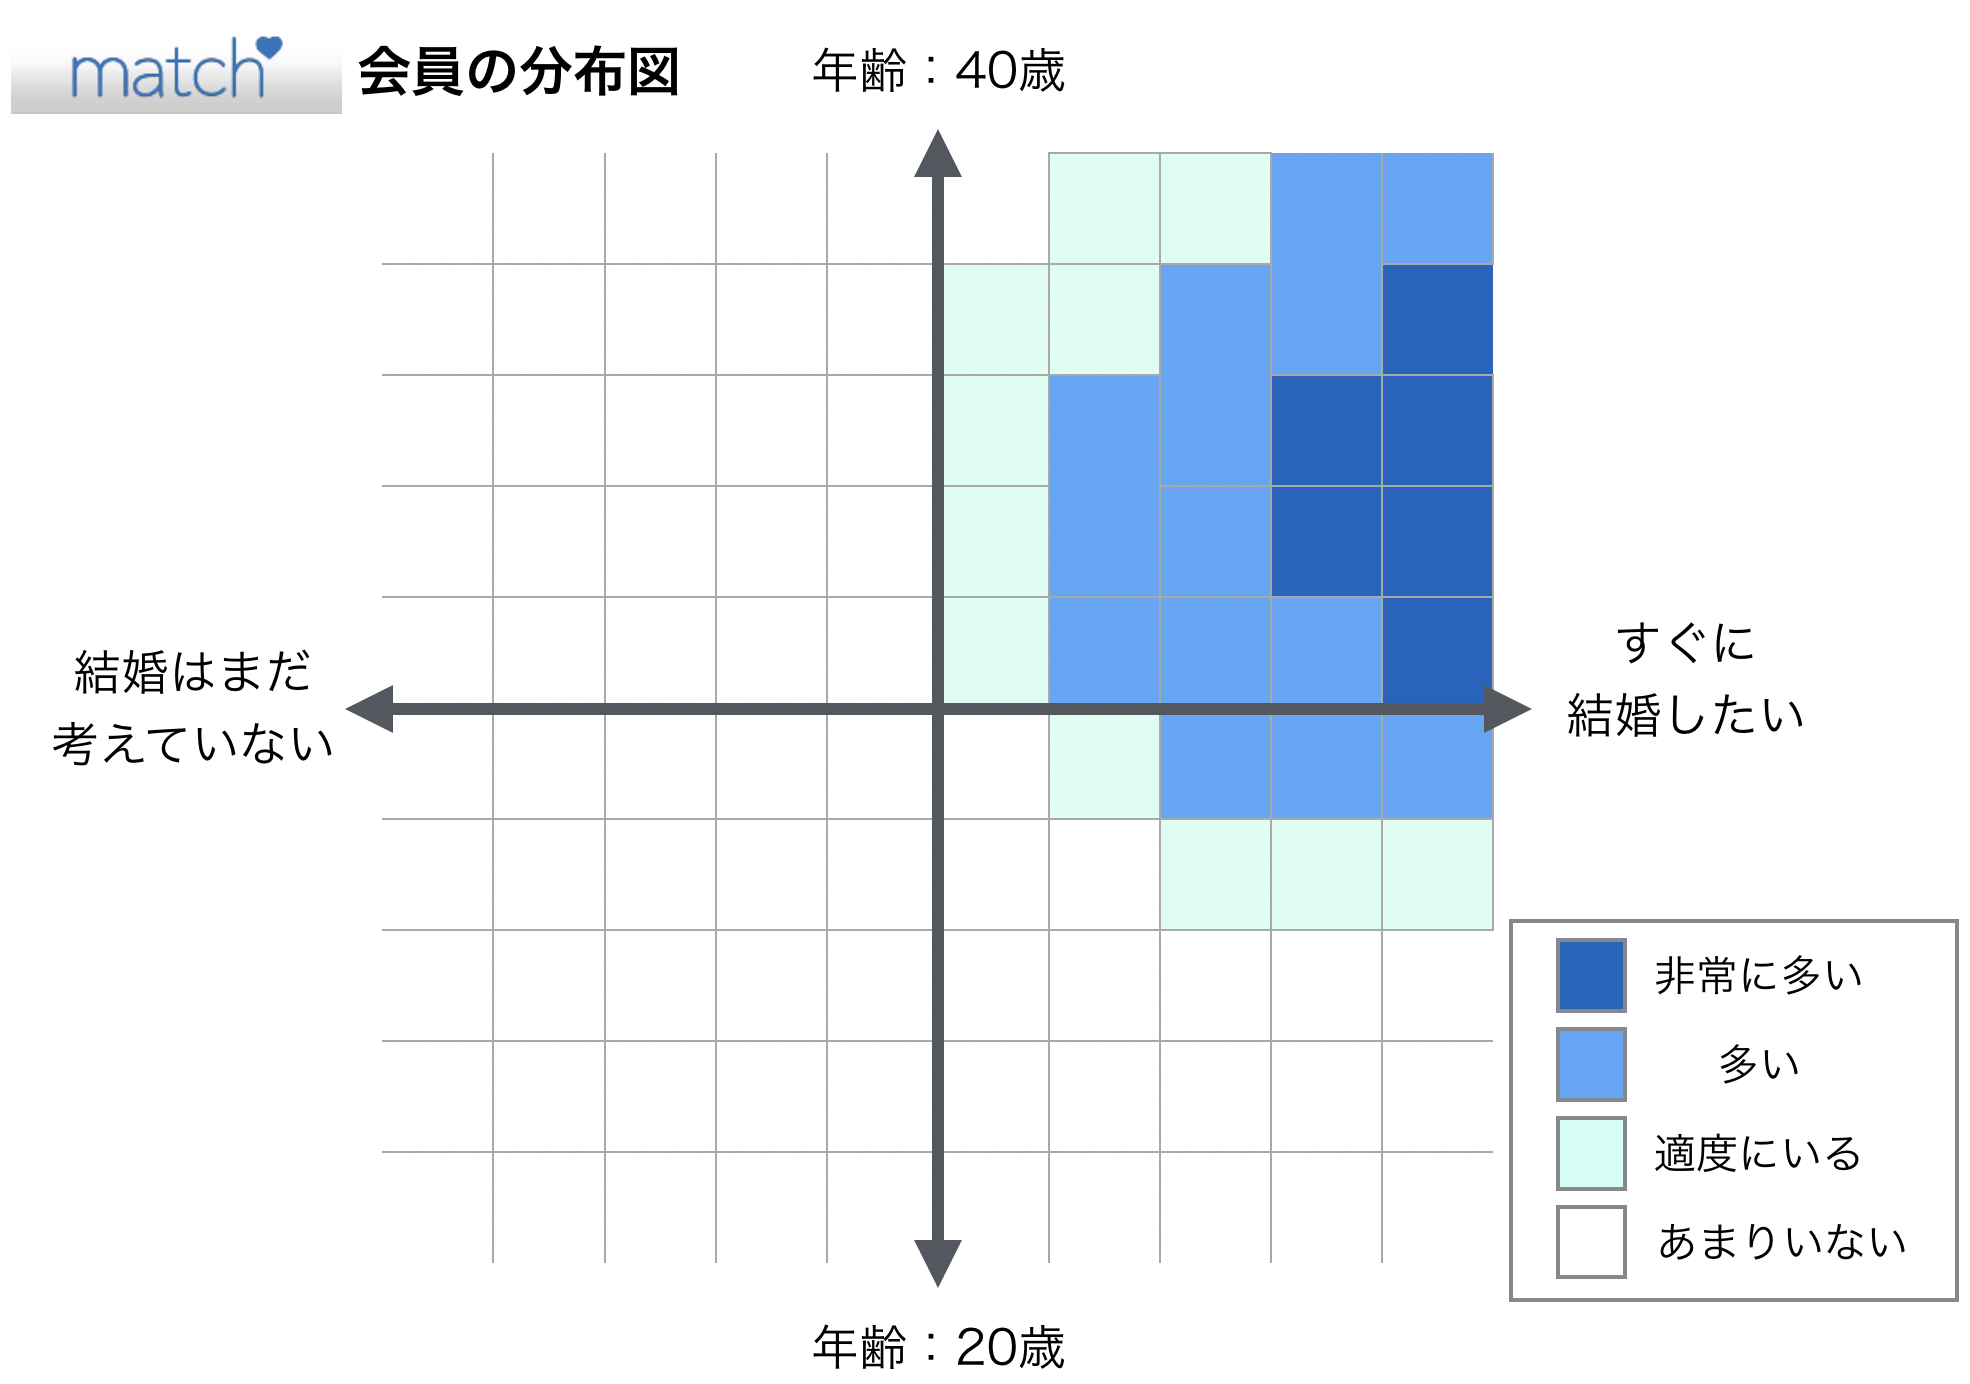 マッチドットコムの会員の分布図